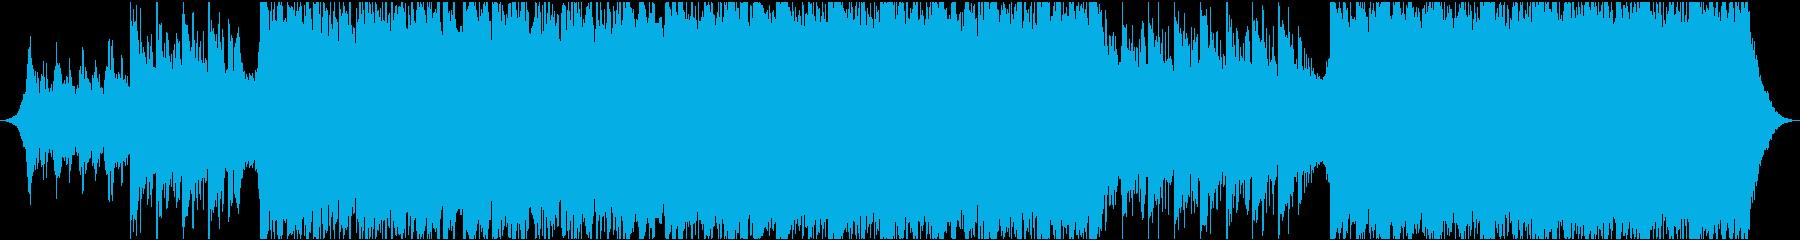 現代的 交響曲 クラシック ドラマ...の再生済みの波形